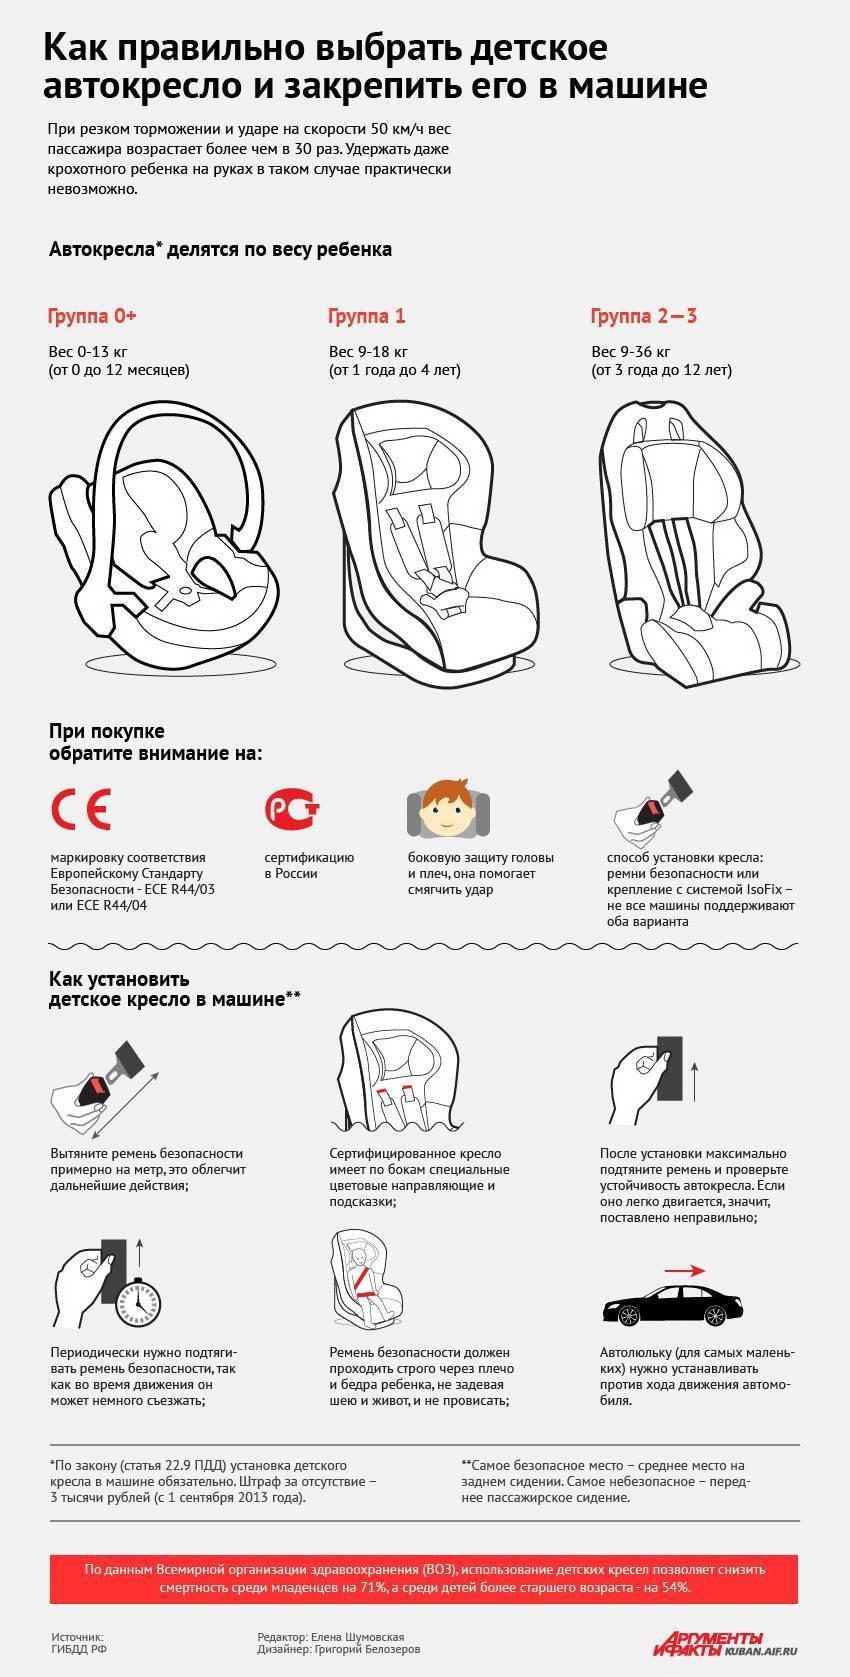 Автокресло для новорожденного ребенка: нужно ли и как выбрать?